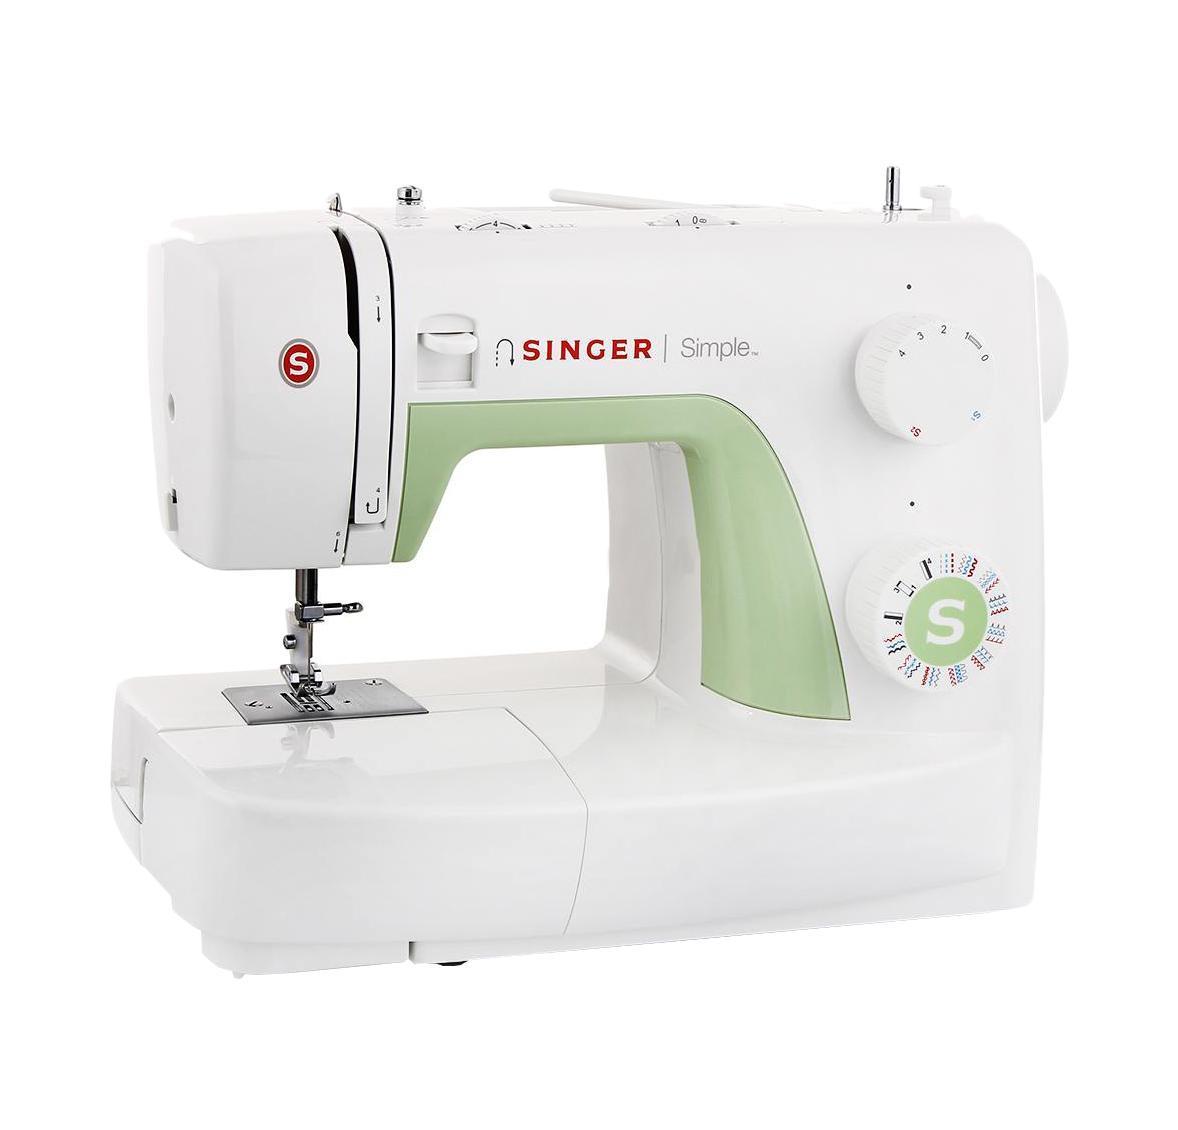 Швейная машина Singer 3229 singer simple 3229